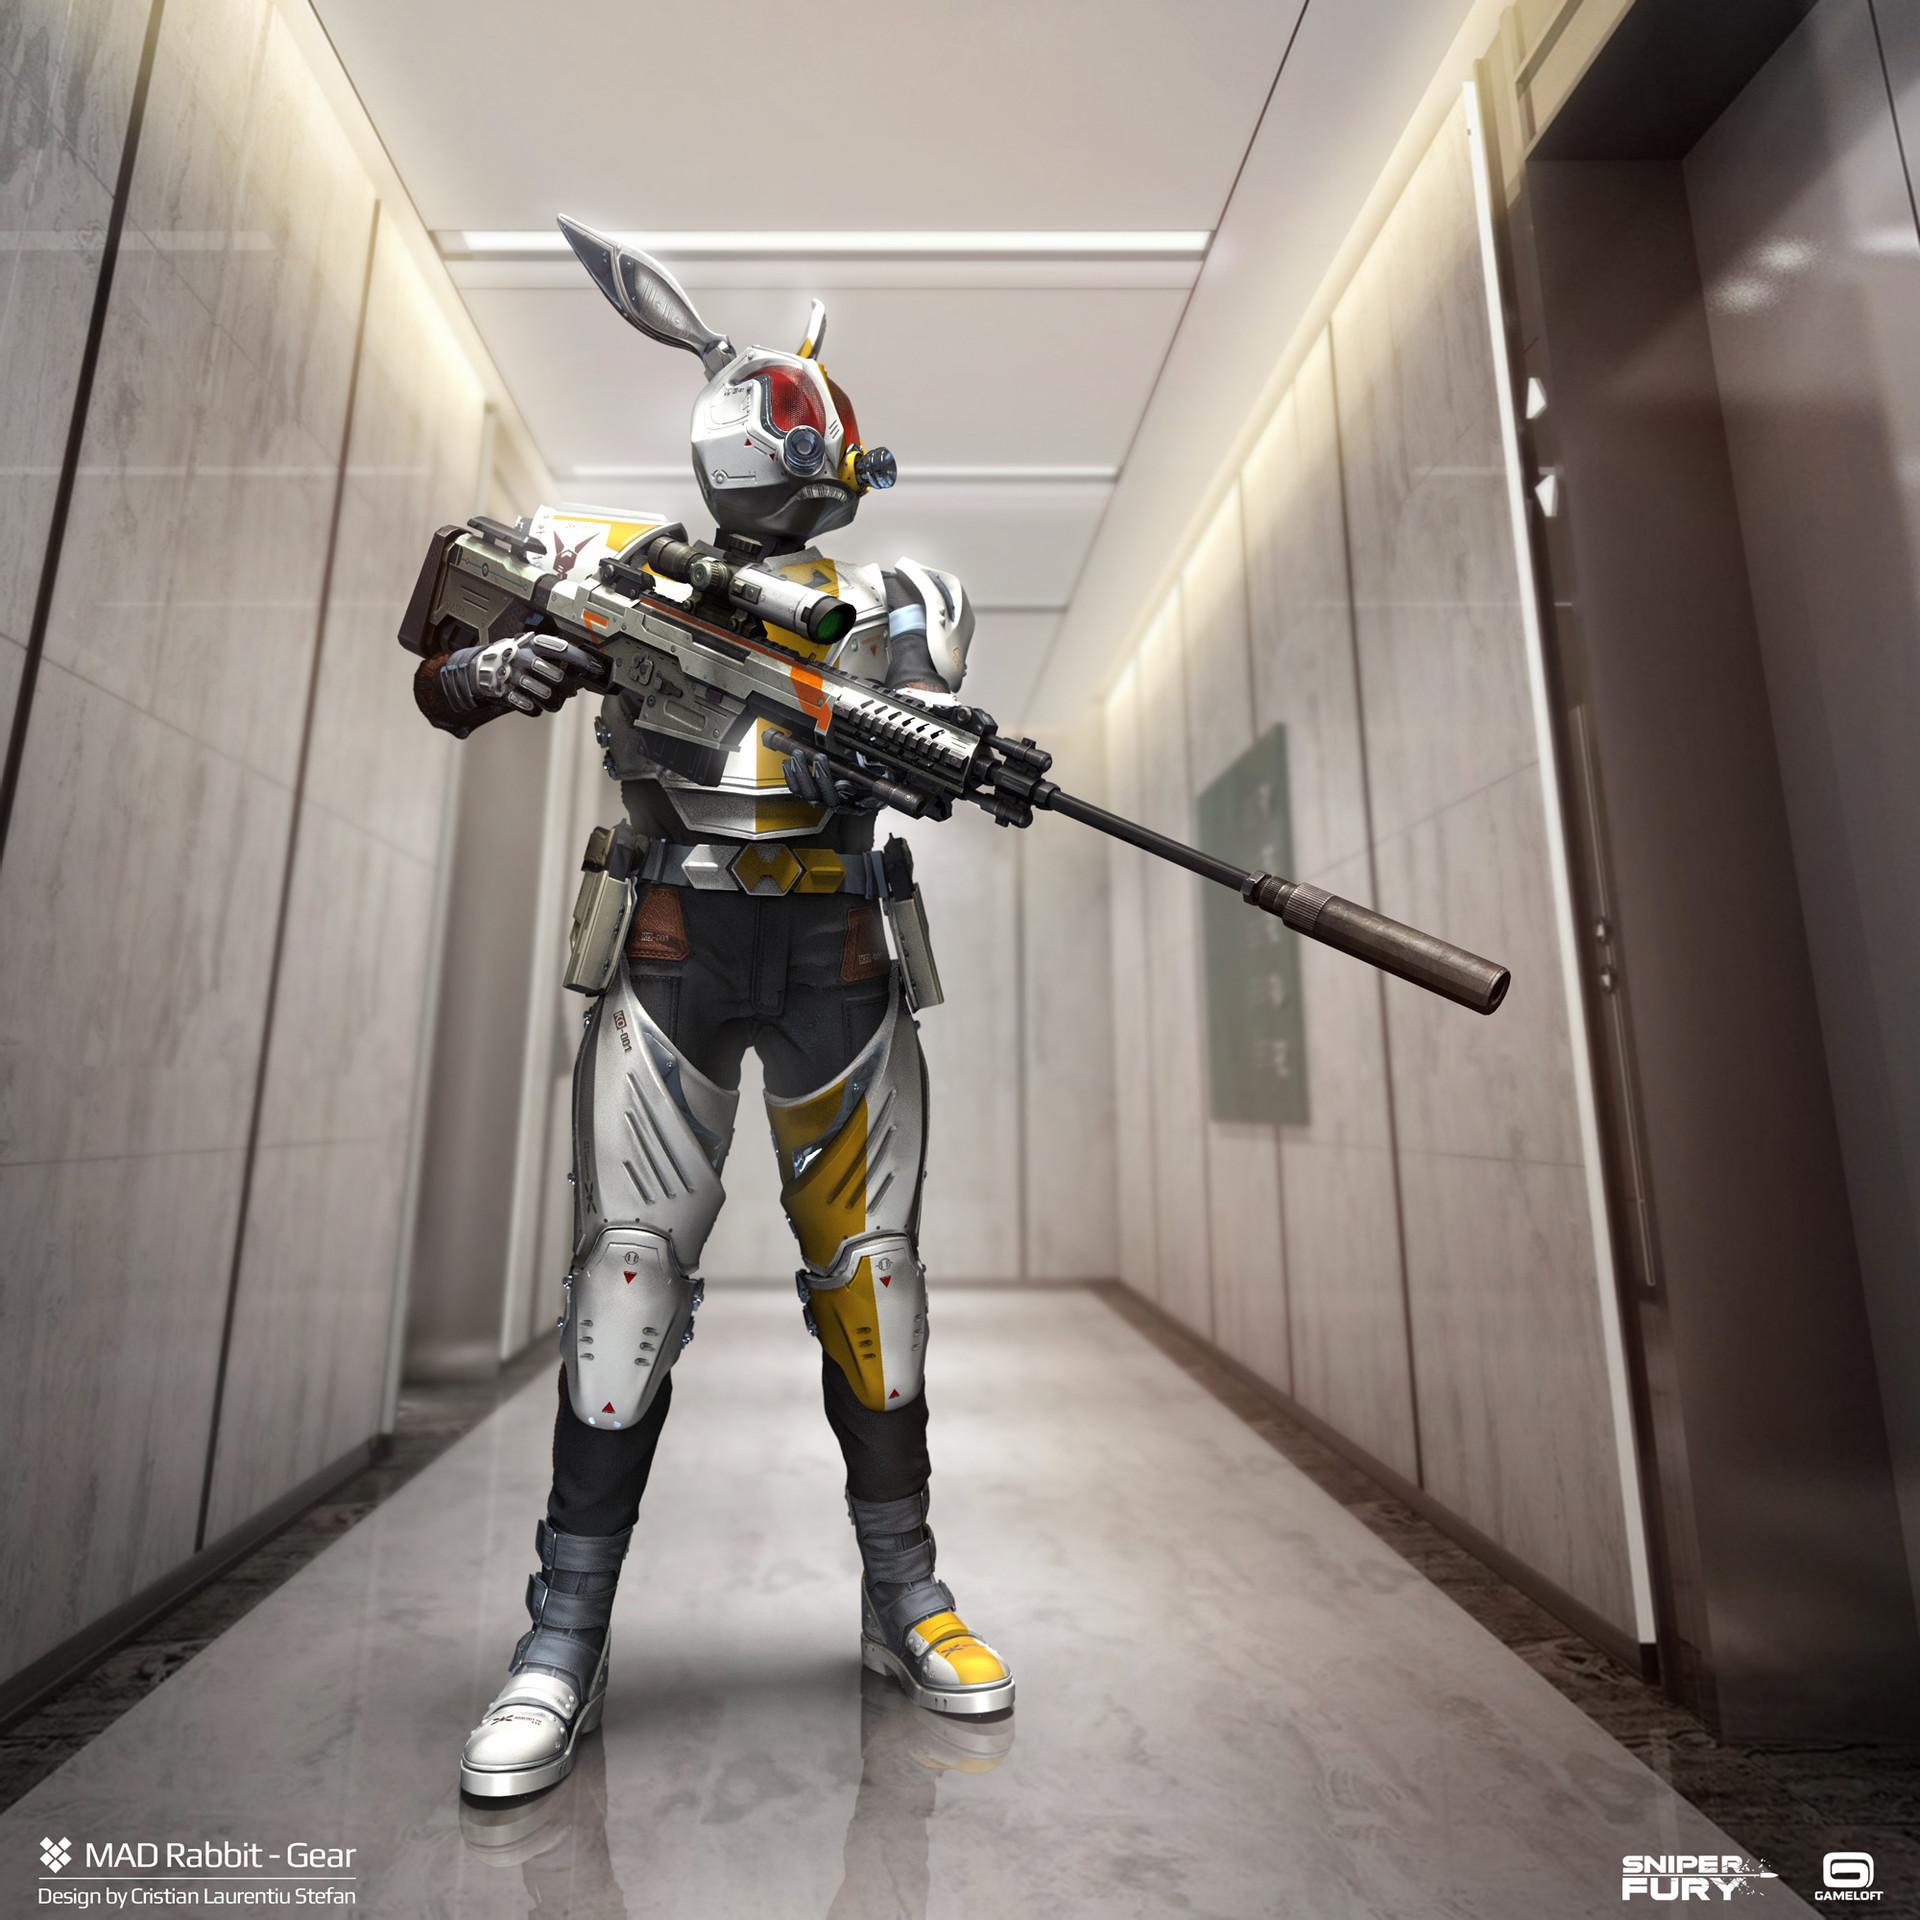 ArtStation - Sniper Fury - Mad Rabbit gear 02, Cristian